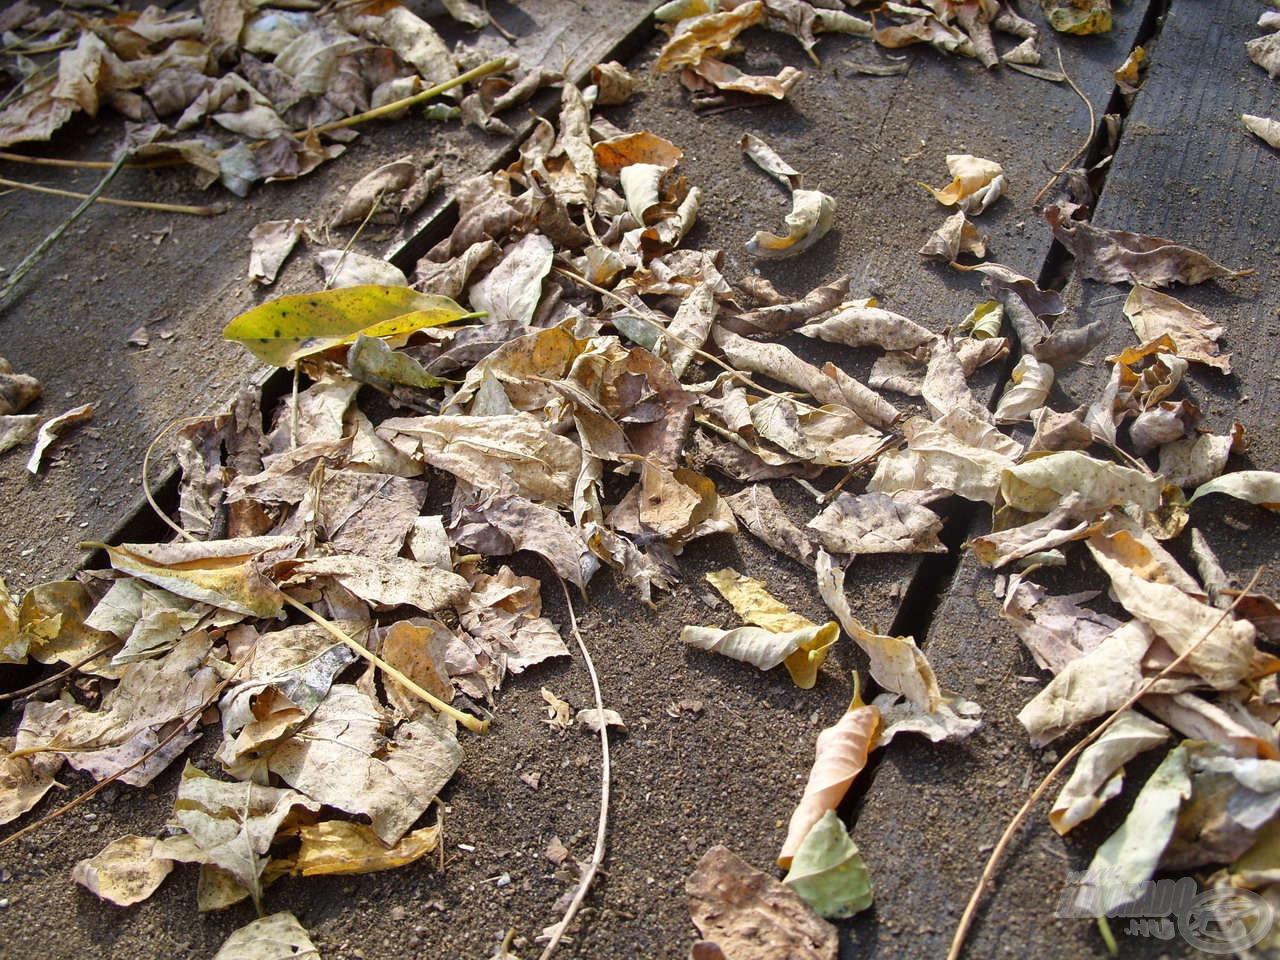 Sajnos eseménytelenül alakult a reggeli horgászatom, ezért volt időm az őszi természet apró jellegzetességeiben gyönyörködni